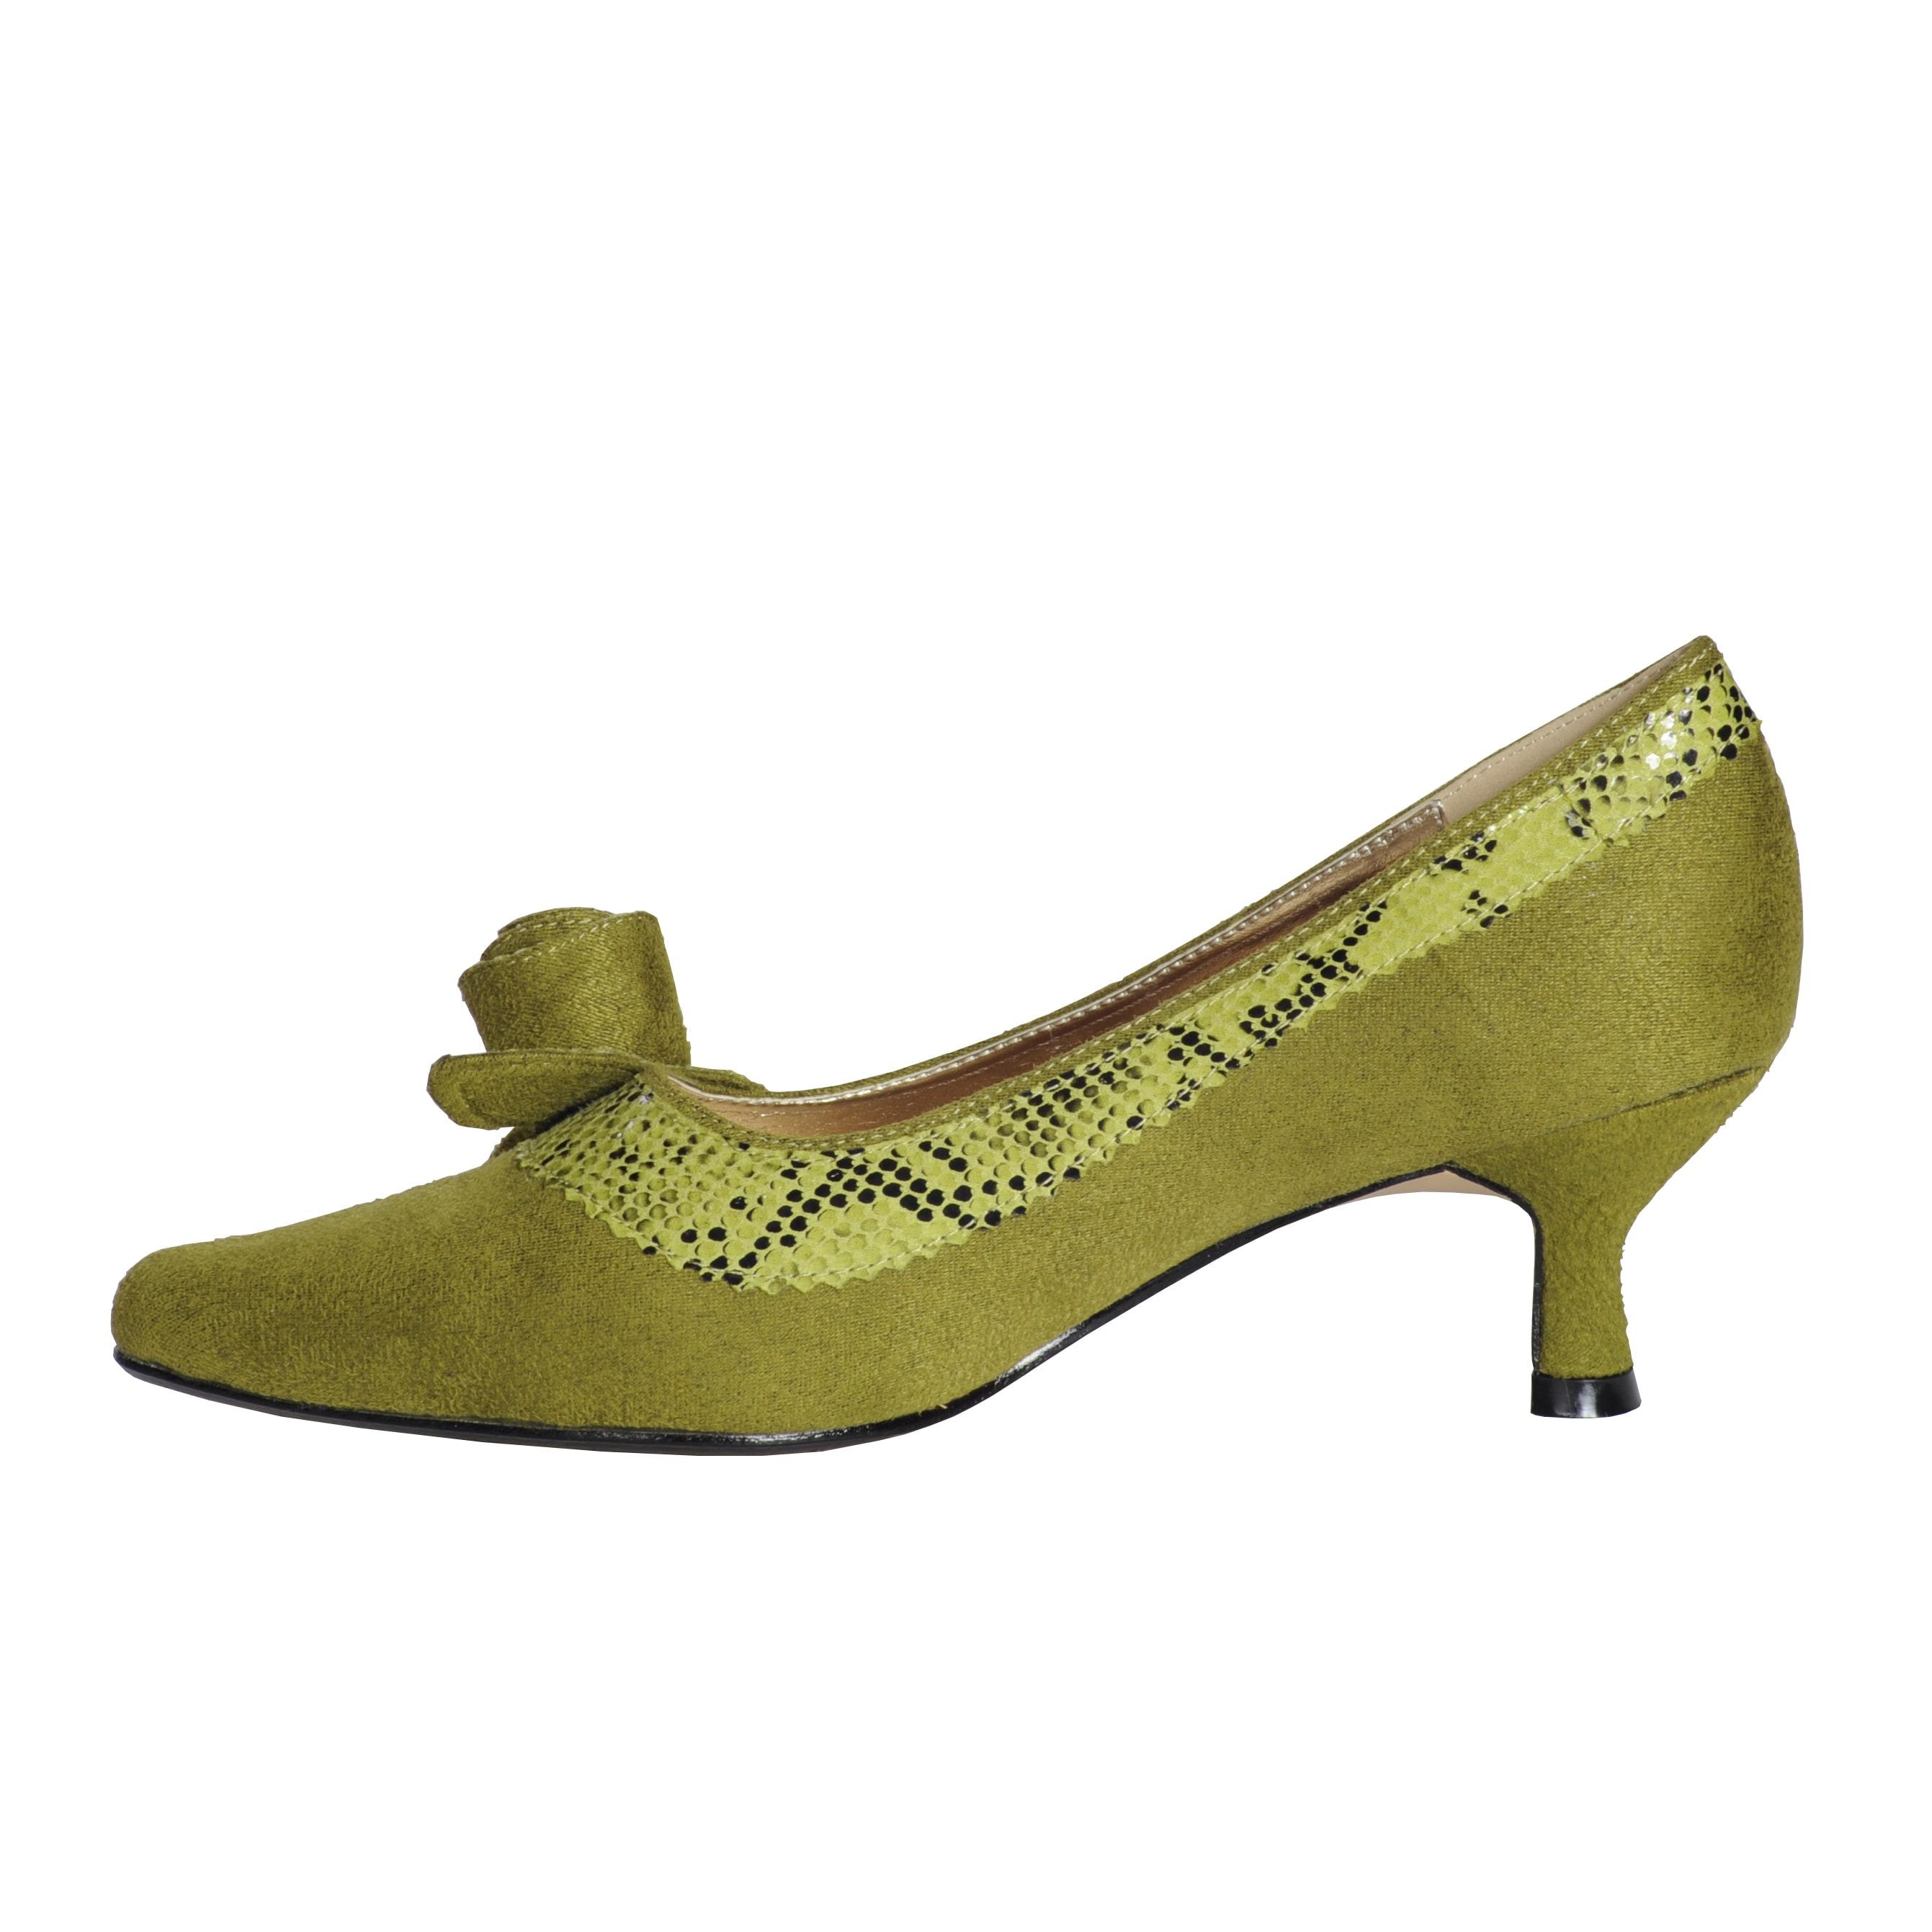 Ann Creek Avanna Kitten Heel (Women's) yENpKiF